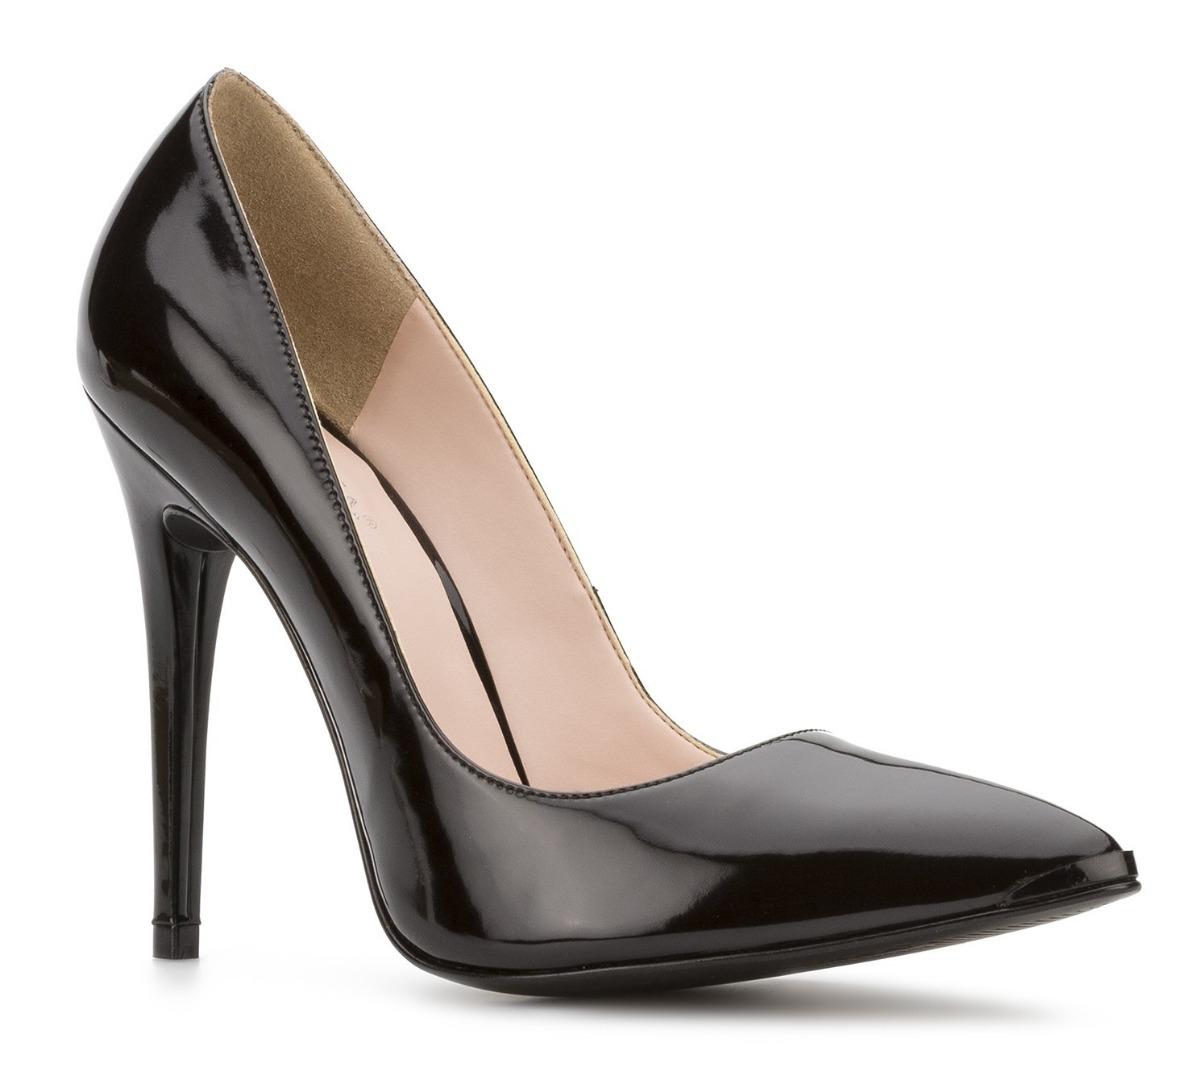 a559c745cc1ad zapatos cerrados zapatillas andrea negras charol tacón 11 cm. Cargando zoom.